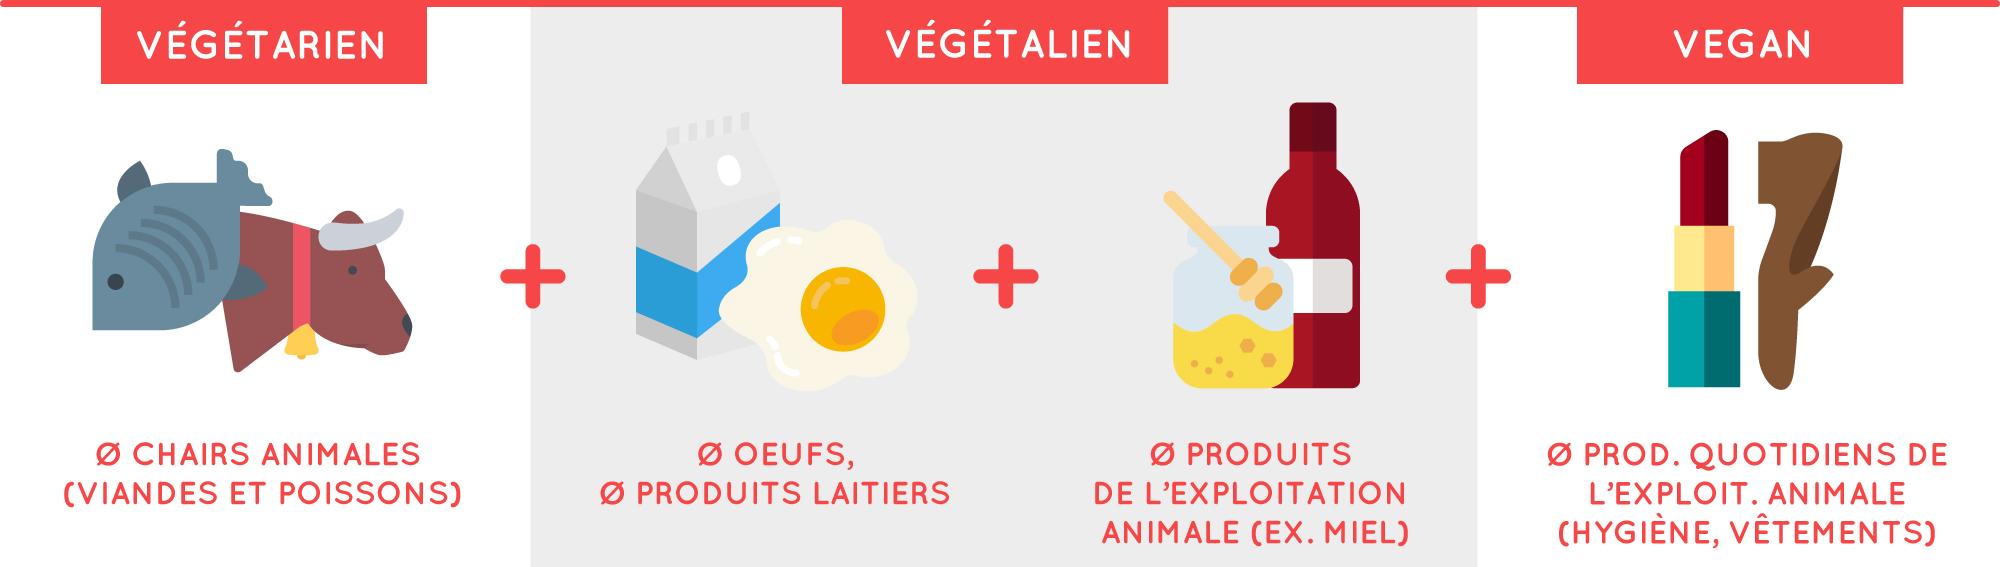 Homme une Femme Mon email: Rencontre homme vegetarien.